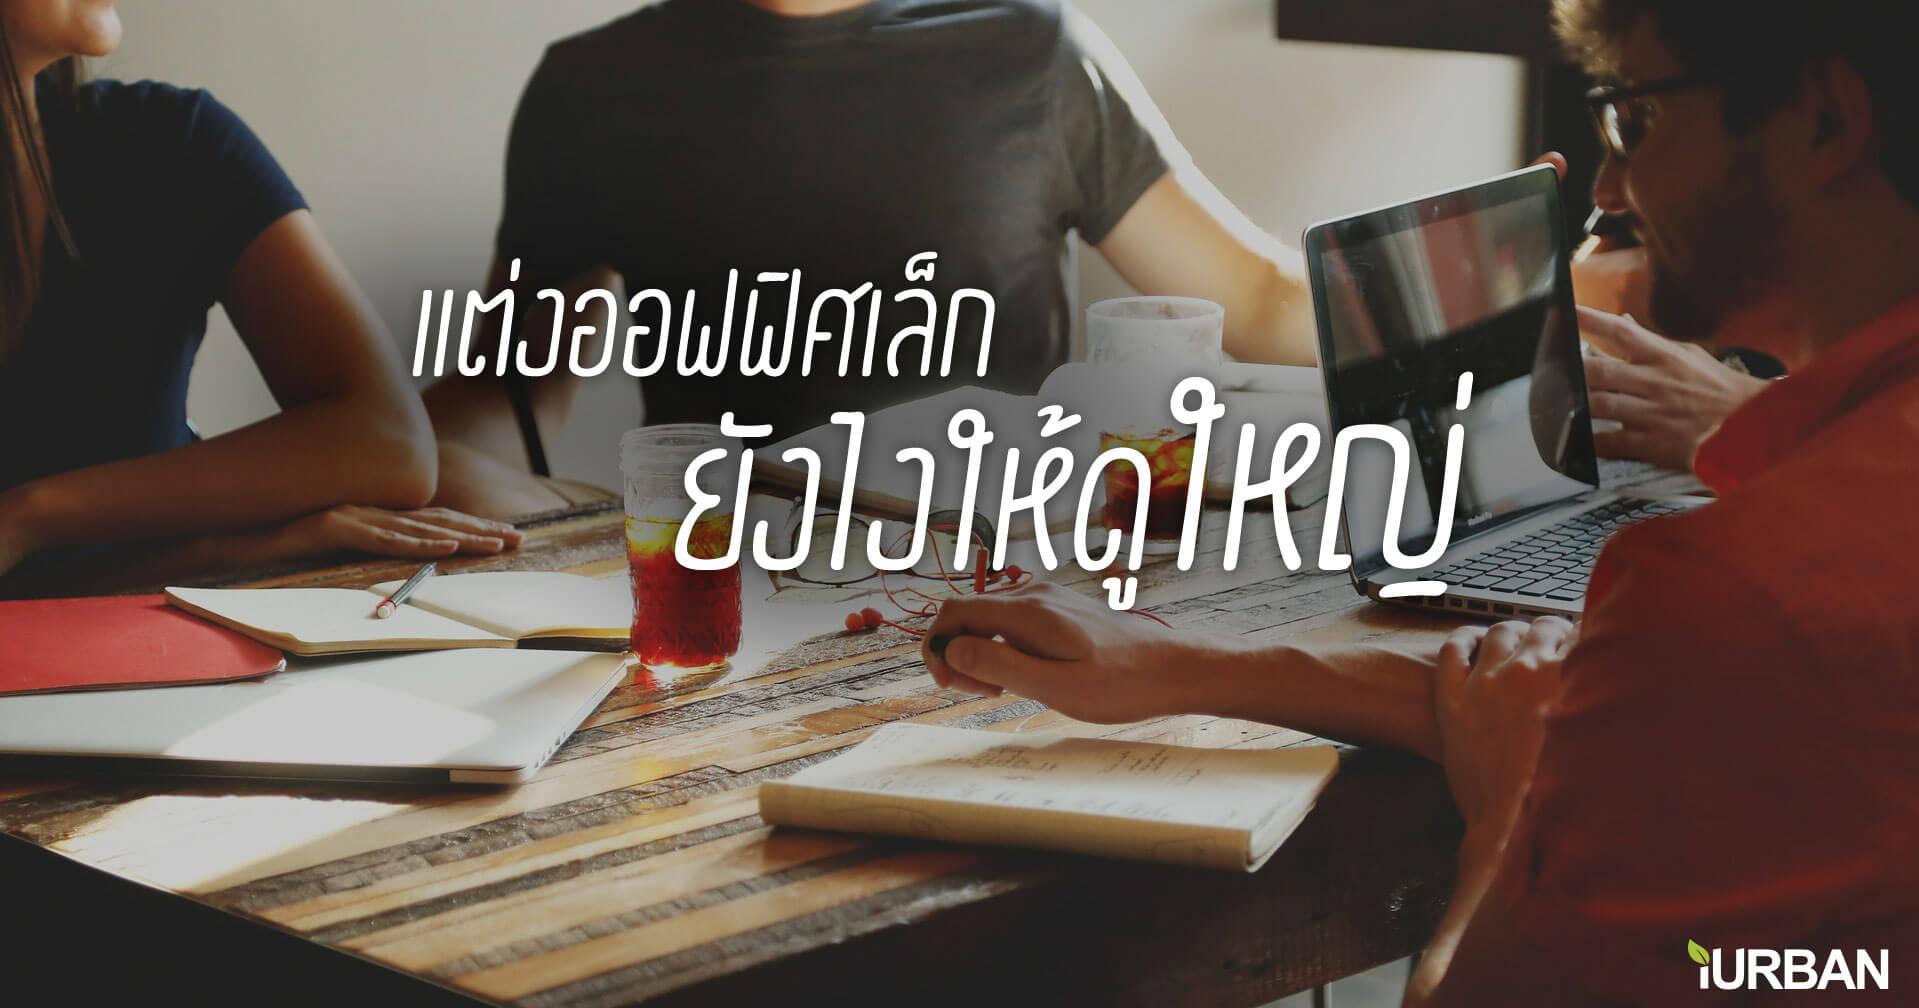 12 เทคนิคตกแต่งออฟฟิศเล็กให้ดูใหญ่ ถูกใจ SME และ home office 13 - Co-Working Space